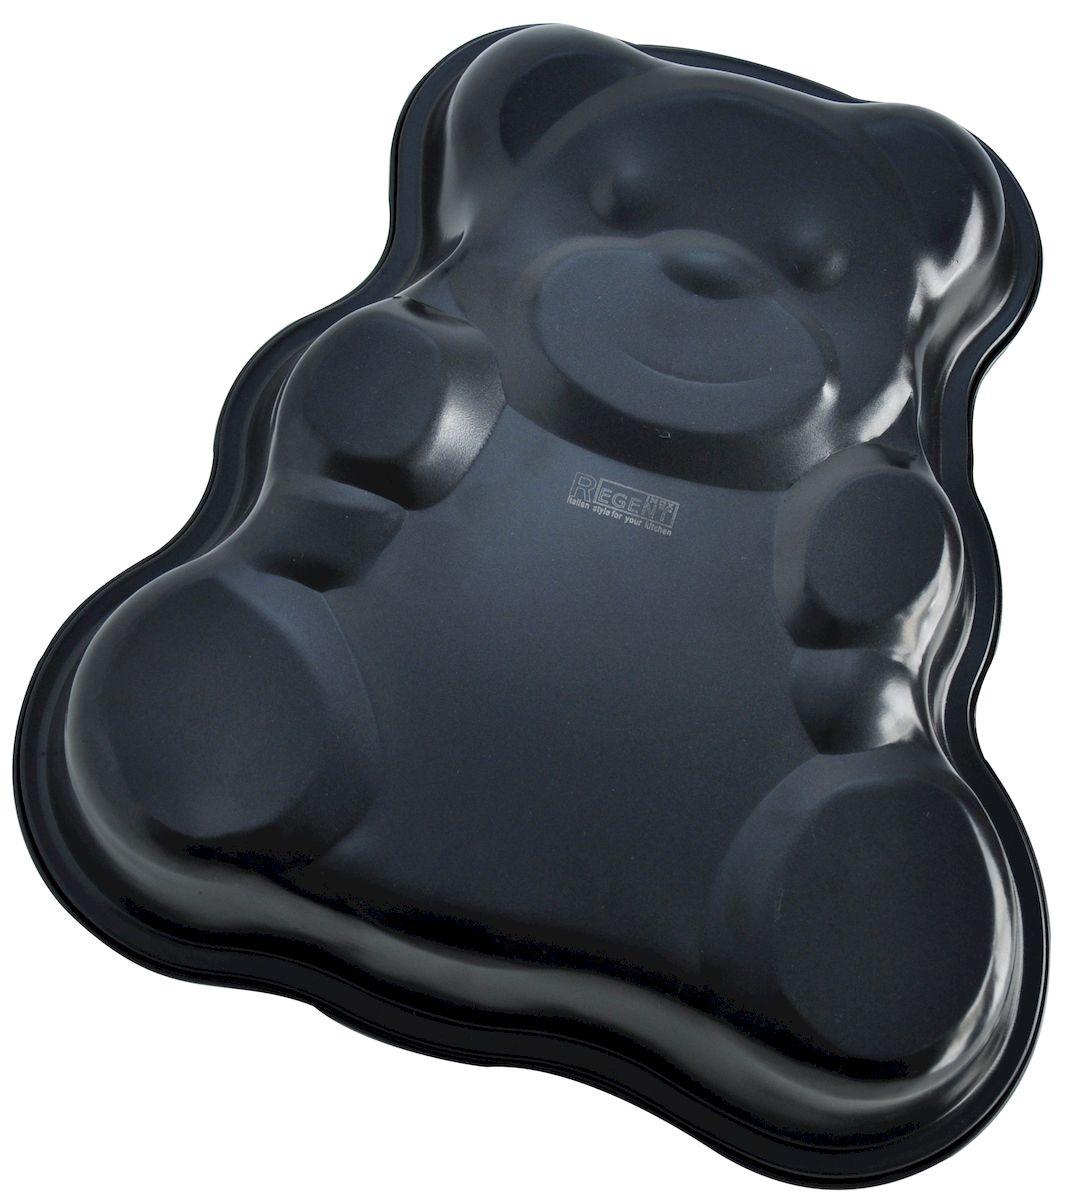 Форма для выпечки Regent Inox Медвежонок, с антипригарным покрытием, 34 х 32 х 4,8 см93-CS-EA-4-10Форма для выпечки Regent Inox Медвежонок подходит для приготовления пирога для ребенка или для того, чтобы поднятьнастроение вашим гостям. Высококачественная углеродистая сталь, из которой сделана форма, приятна на ощупь и равномерно нагревается.Форма очень удобна в эксплуатации и станет помощником для выпечки вкусных изделий. Антипригарное покрытие позволяетприготовить пищу с минимальным использованием масла.Форма проста в уходе: её можно мыть в посудомоечной машине или вручную с неабразивными средствами.